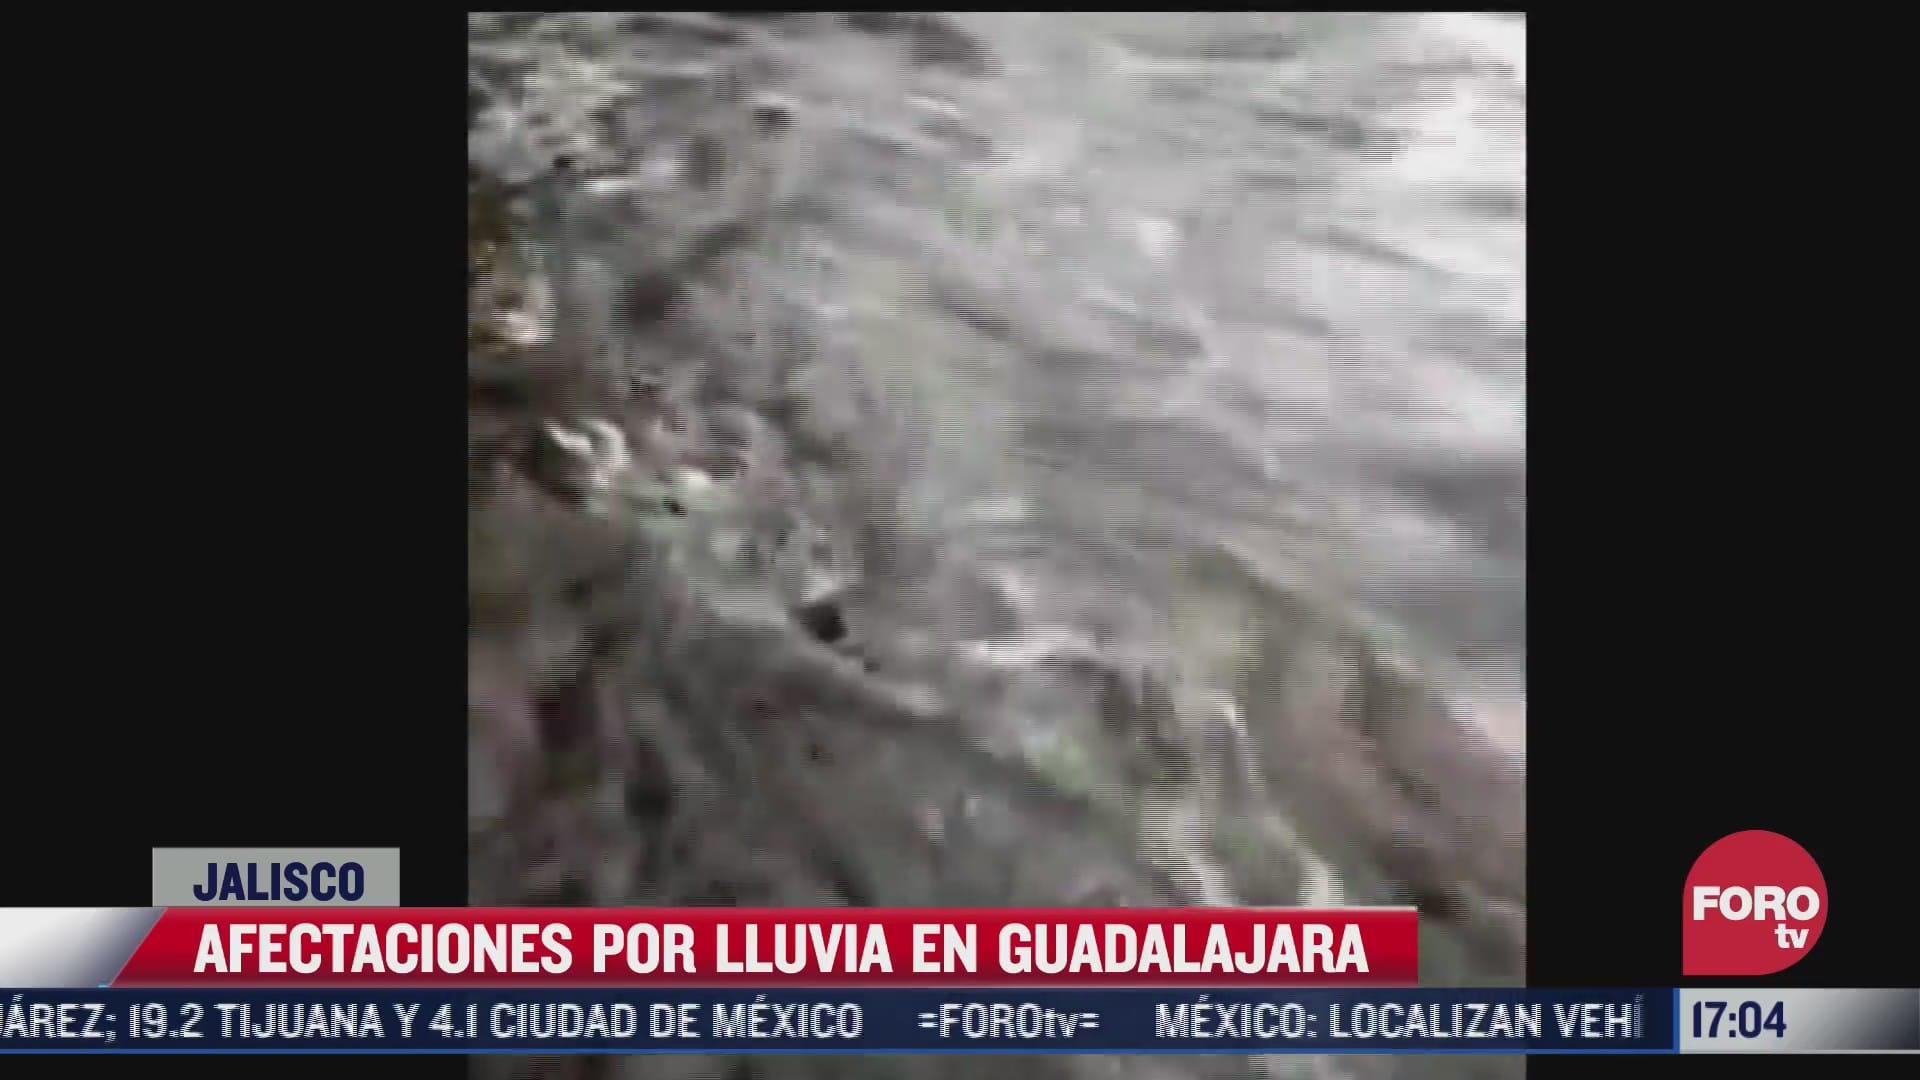 lluvias afectan varios estados de mexico